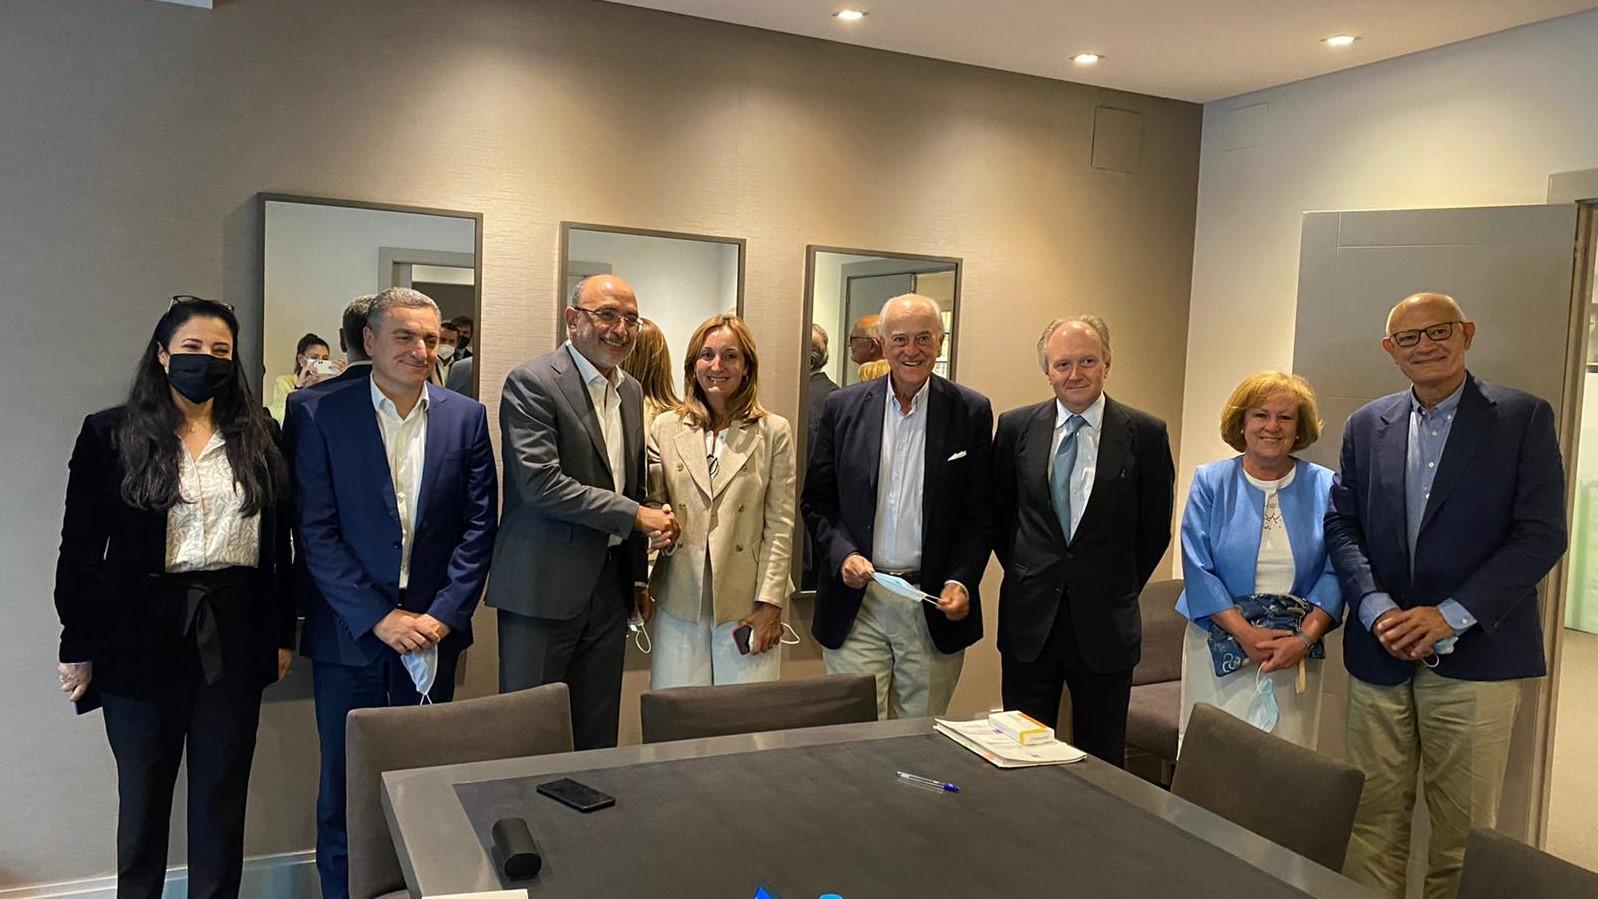 Intelcia vient booster ses performances avec le rachat de l'espagnol Unísono